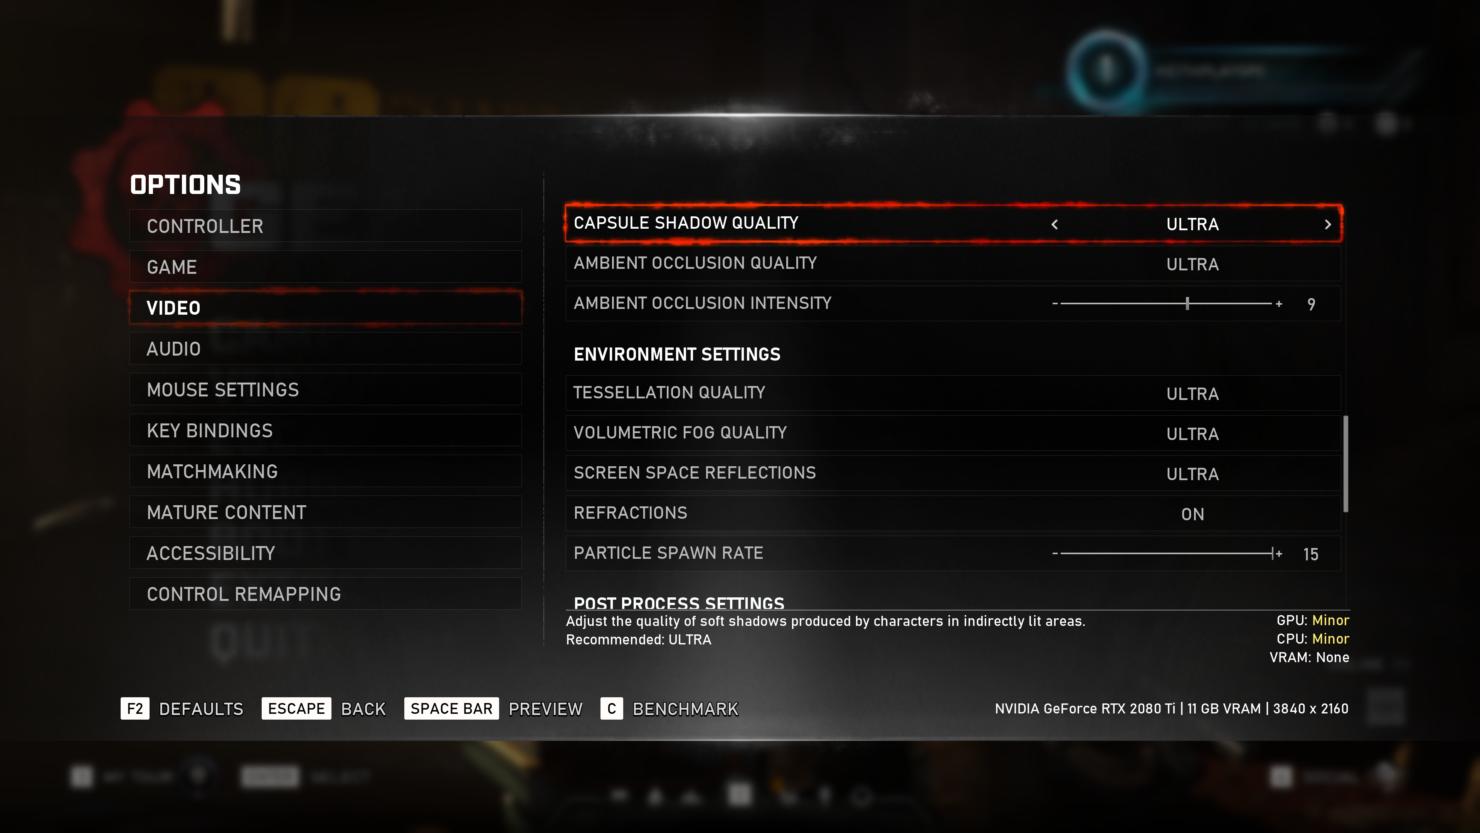 gears-of-war-5-screenshot-2019-09-07-11-32-02-43